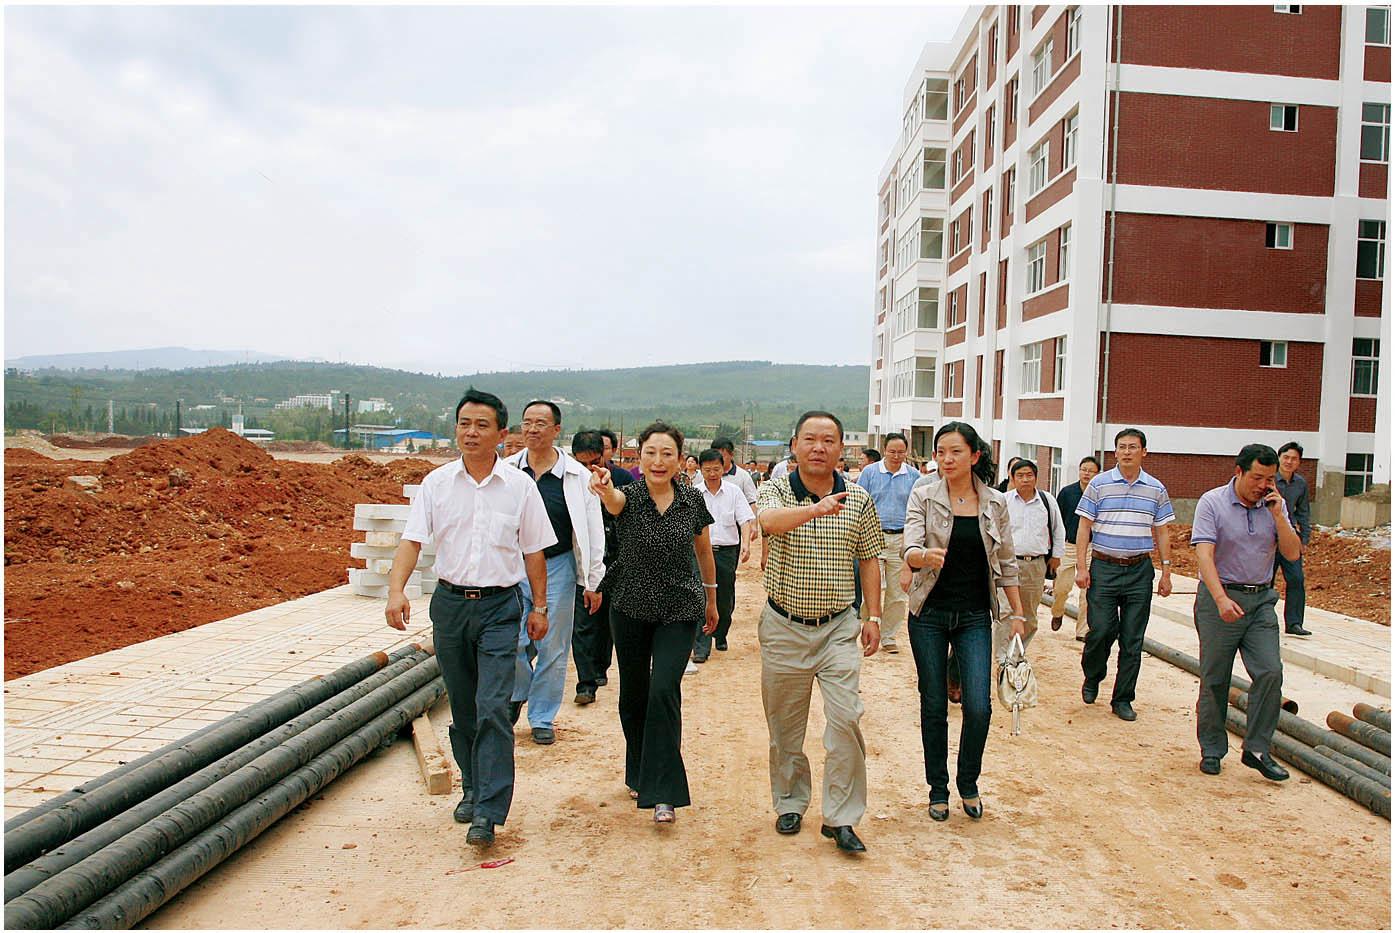 2010年8月18日,安宁市委书记李树勇(右二)、安宁市市长王剑辉(左一)一行莅临安宁校区指导工作